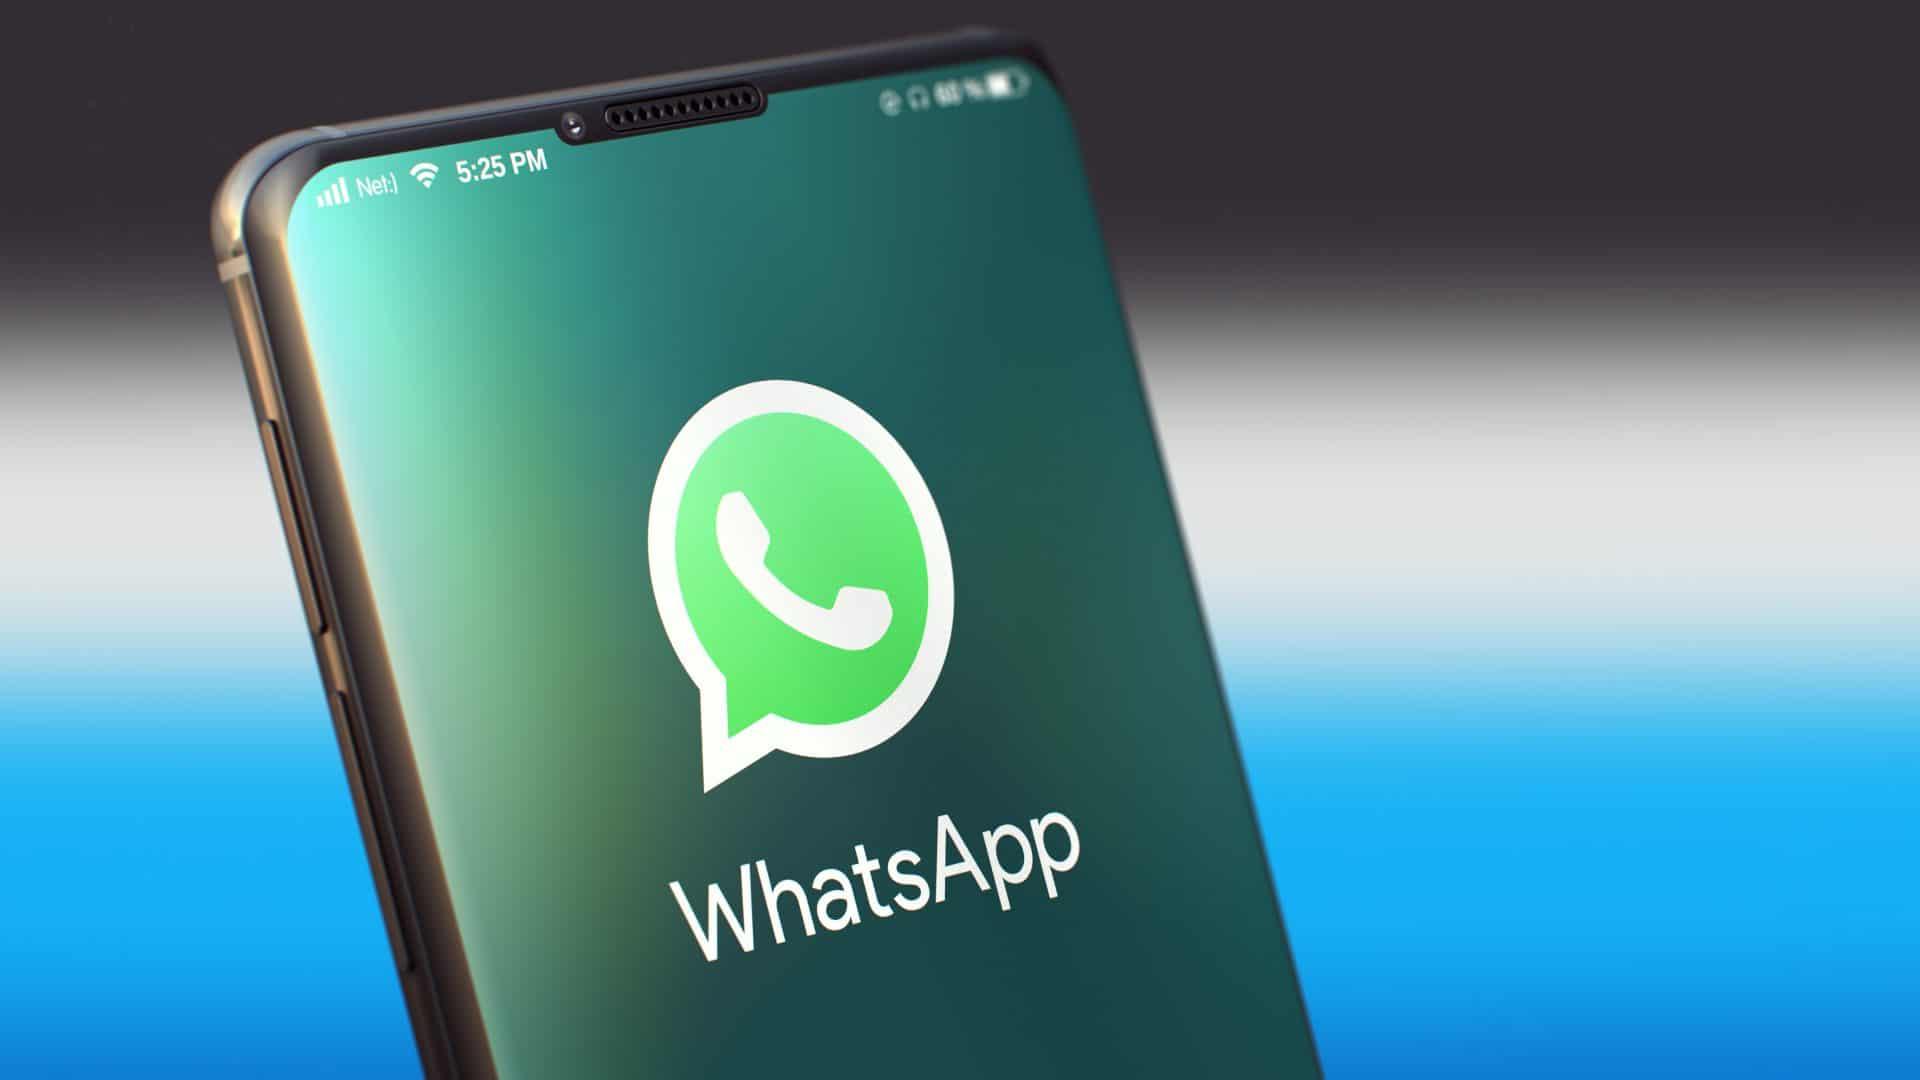 Associação de defesa do consumidor apresenta reclamação contra mudanças nas políticas de privacidade do WhatsApp